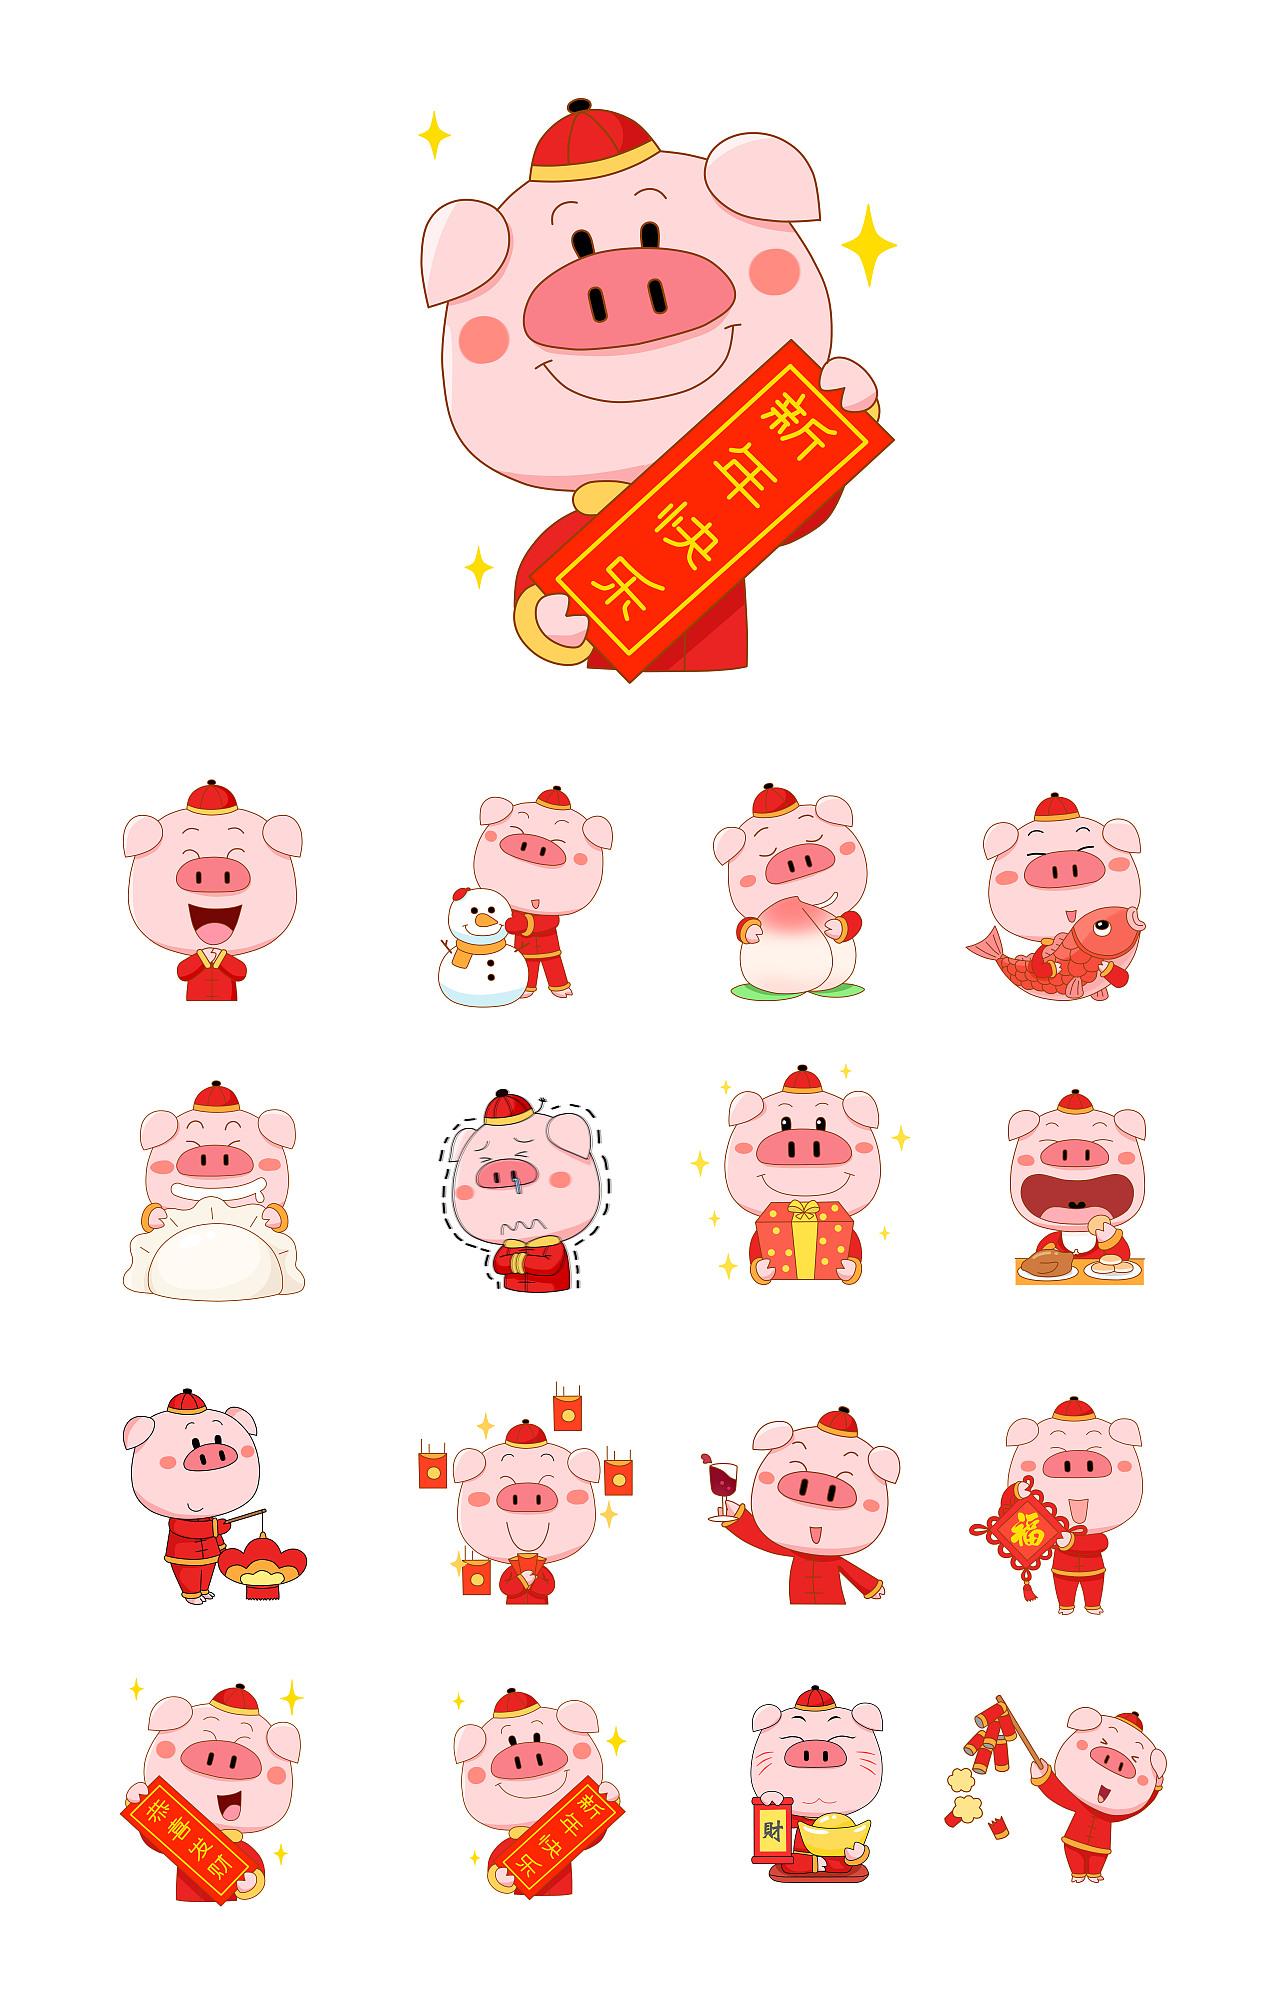 针对猪年设计的一套表情包,各种拜年祝福的